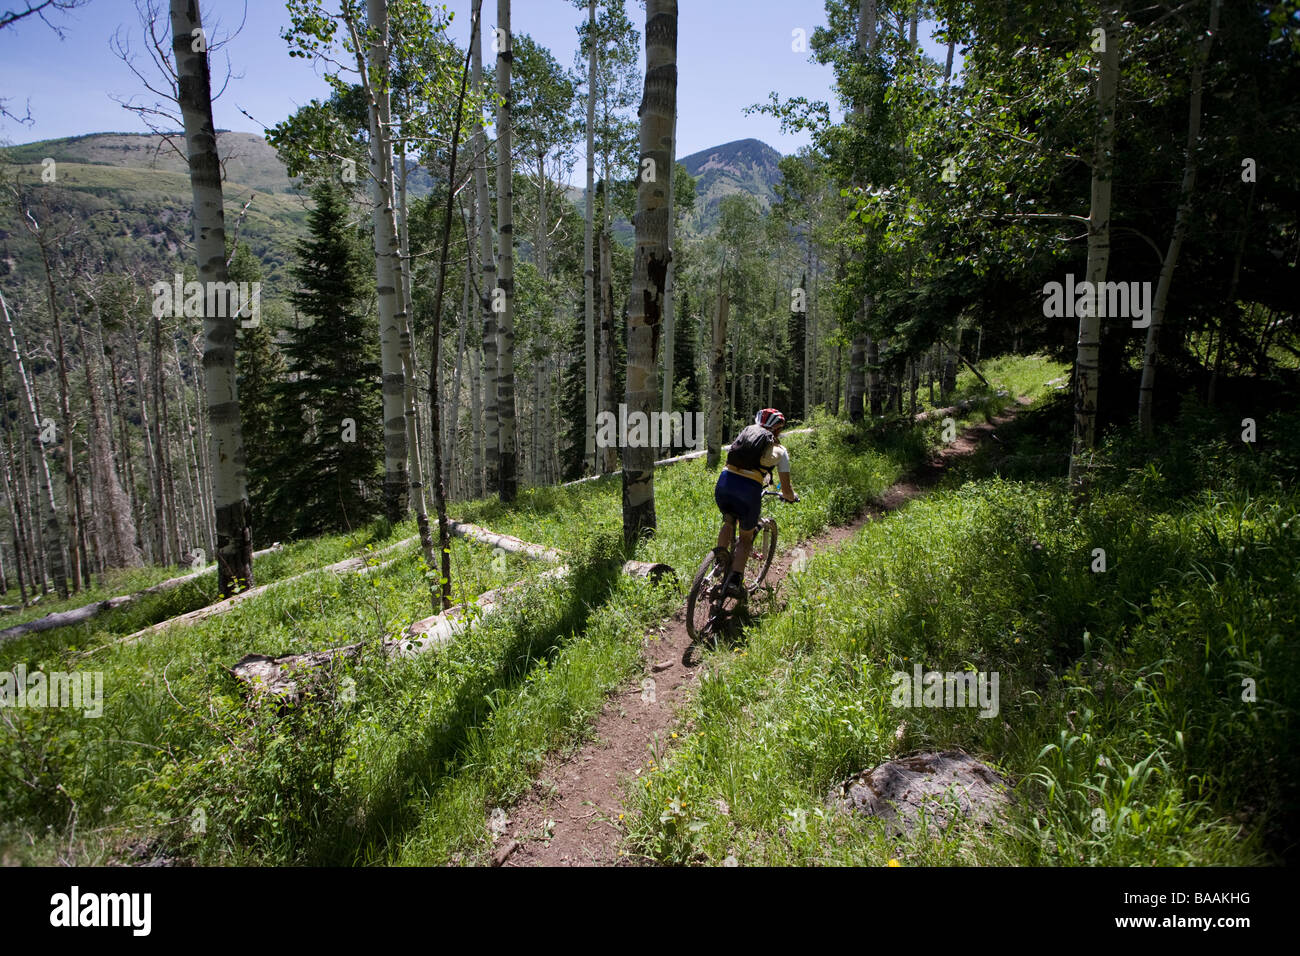 Woman mountain biking in the Abajo Mountains near Montecello, Utah. - Stock Image